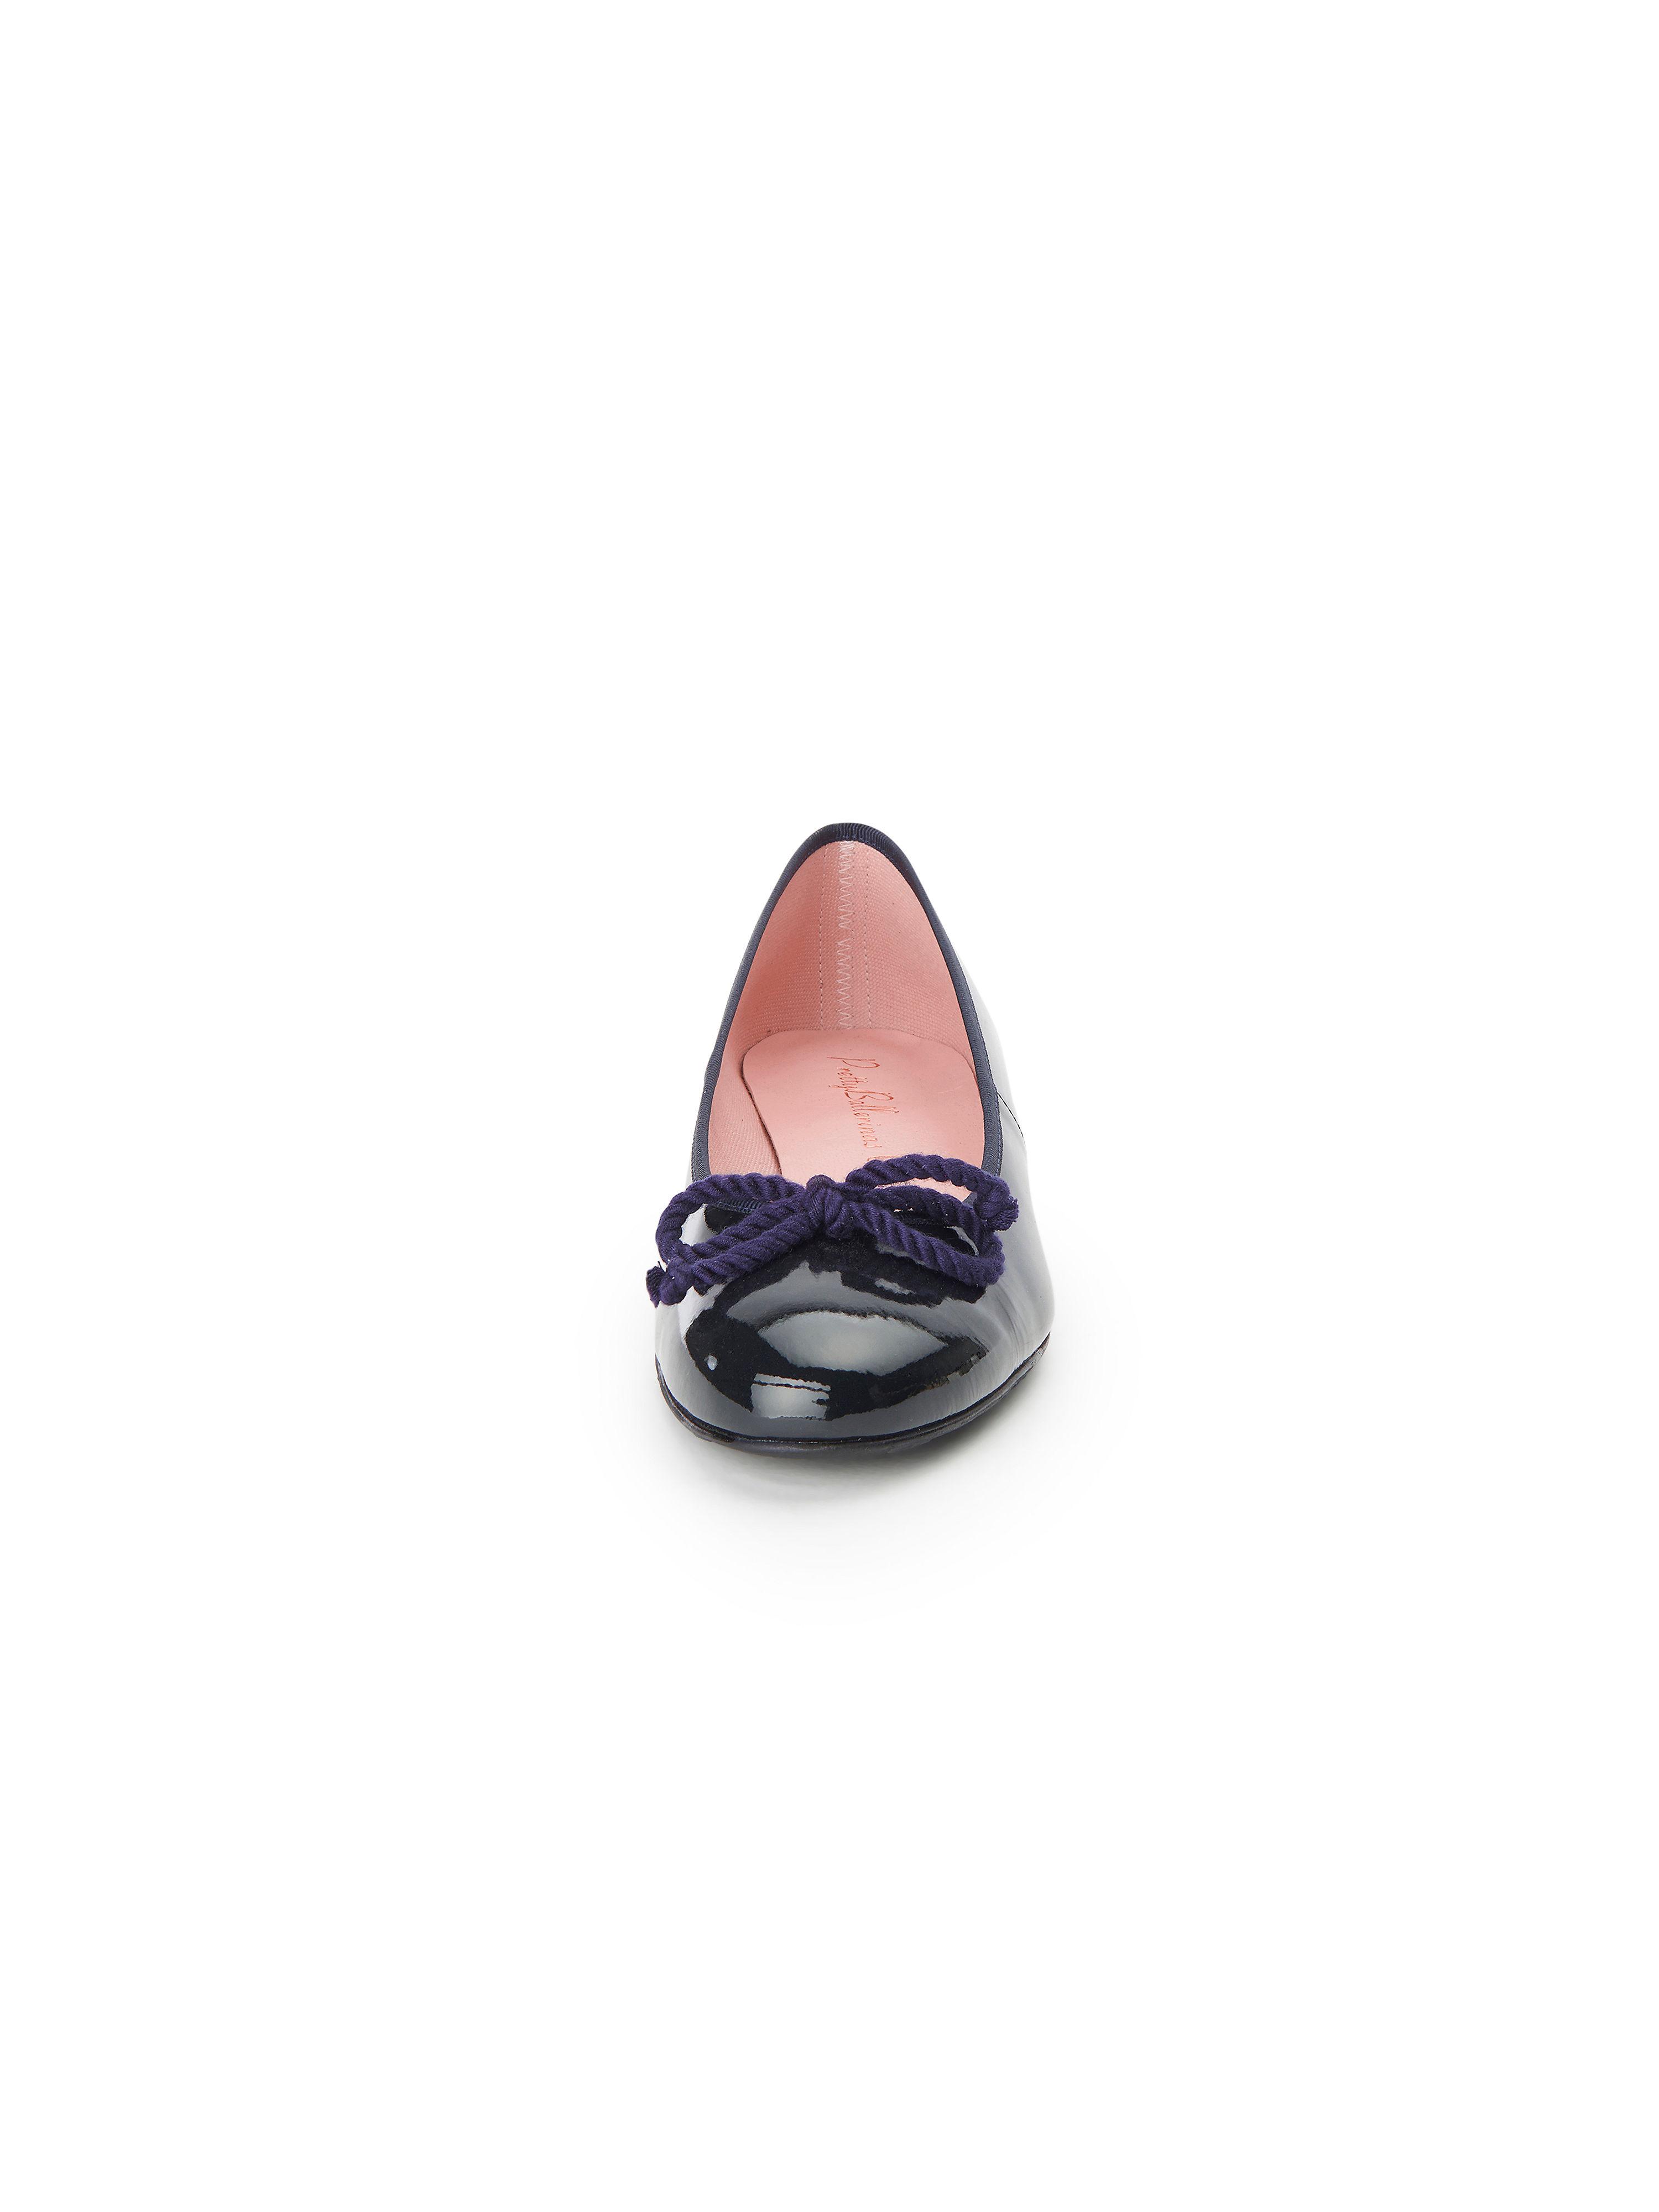 Pretty Ballerinas - Ballerina Marine aus 100% Leder - Marine Ballerina Gute Qualität beliebte Schuhe df5619